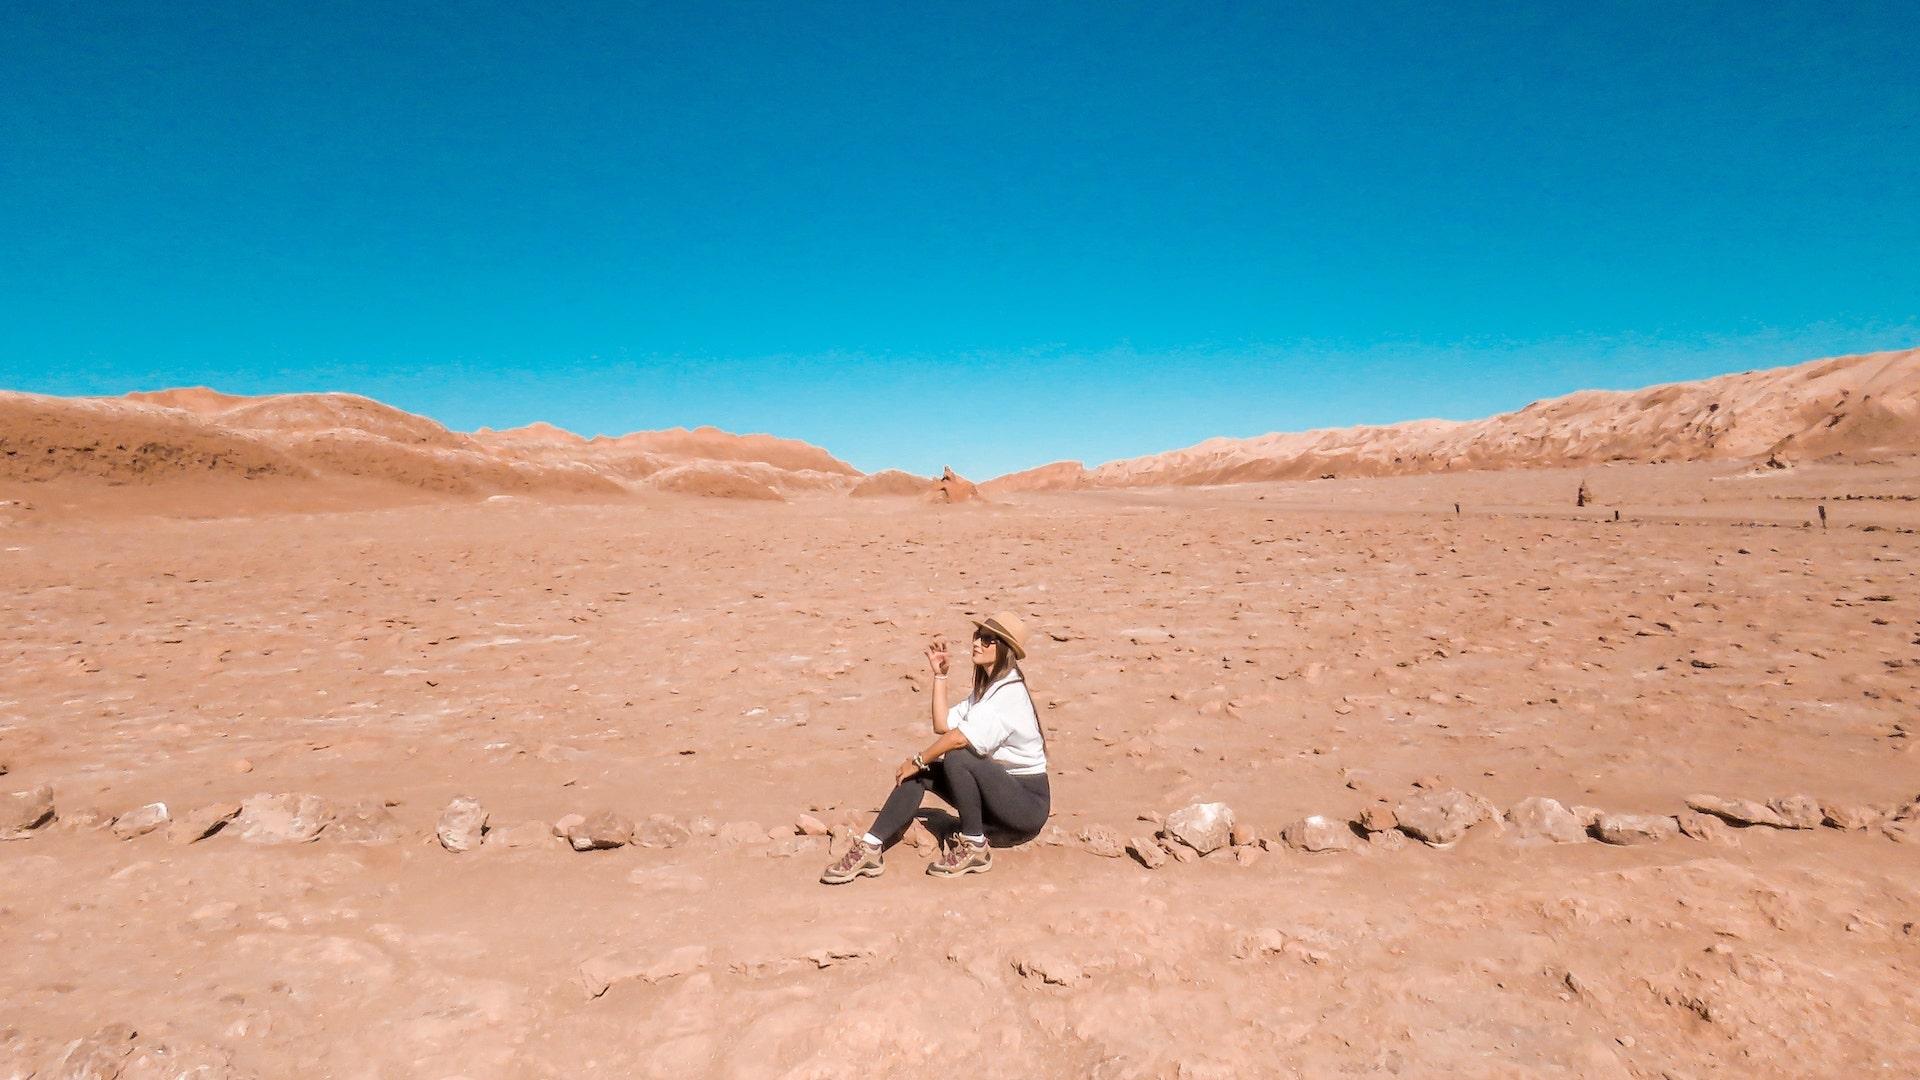 quanto custa viajar para o Atacama - preços no Chile